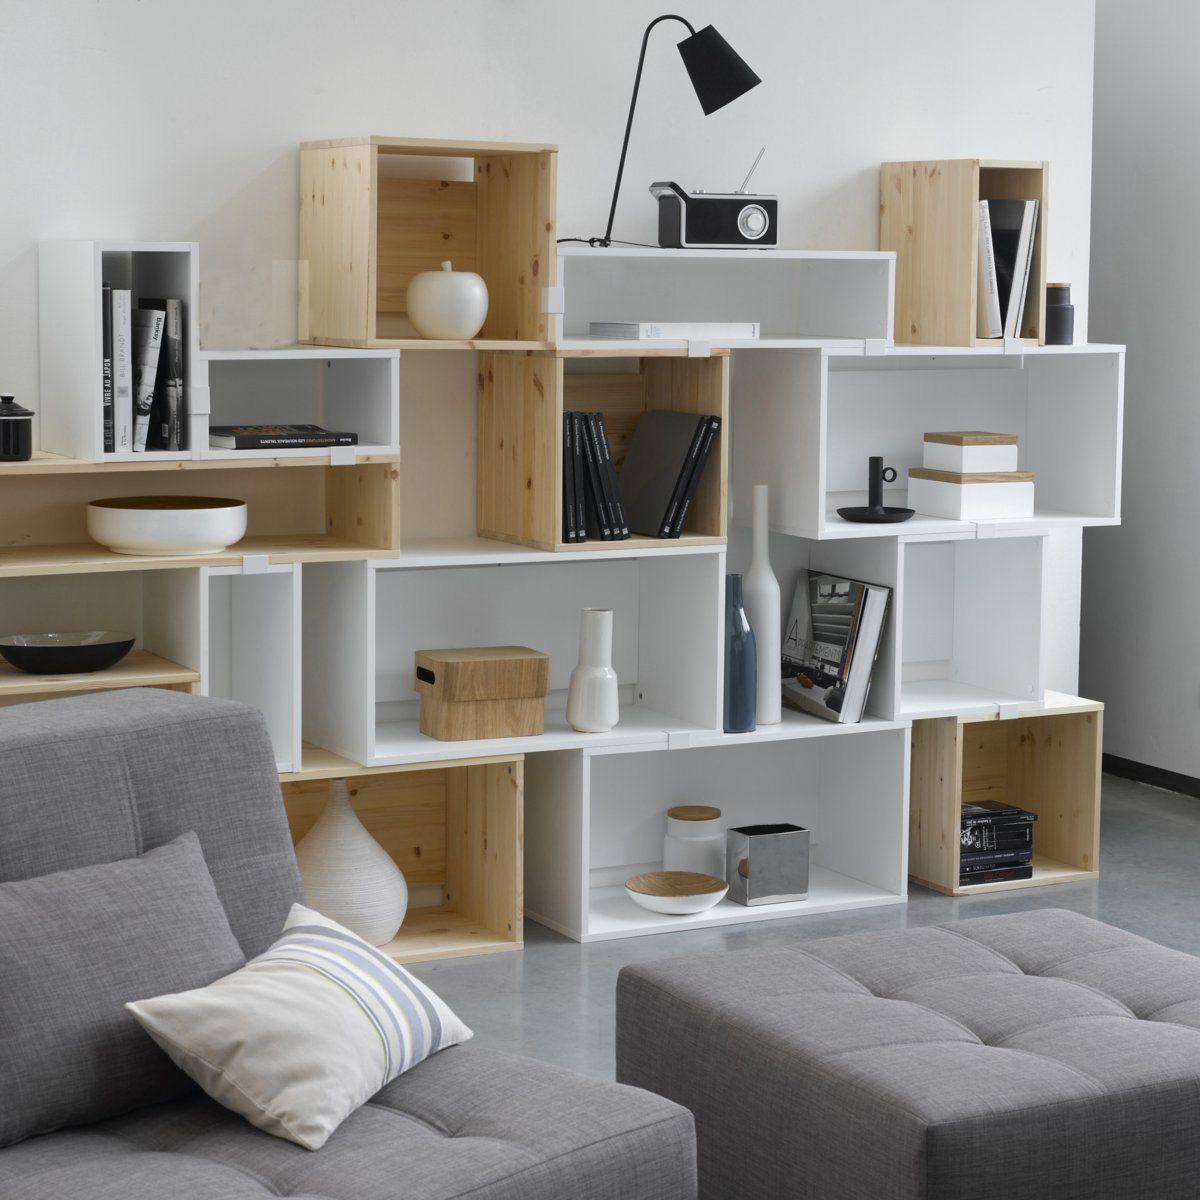 21 Ambiances La Redoute Interieurs Idee Deco Mobilier De Salon Deco Maison